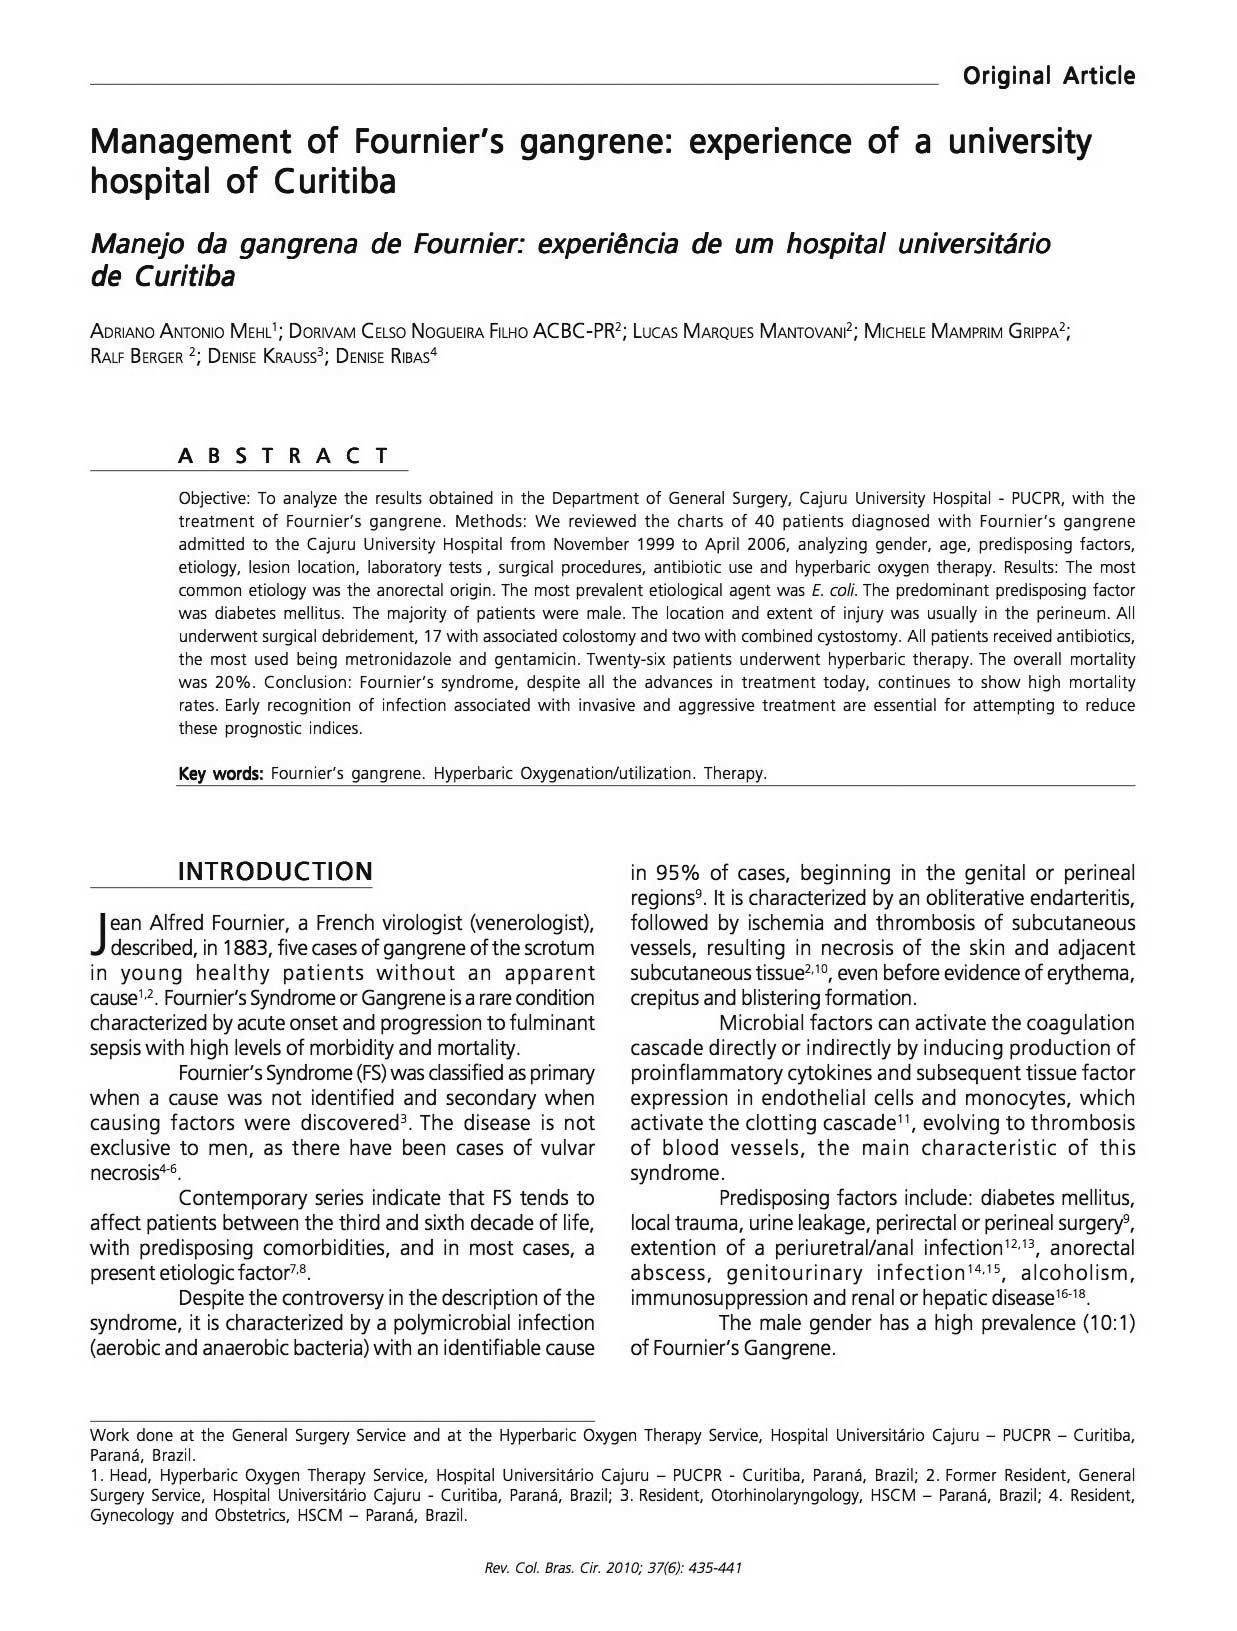 Artigo medicina